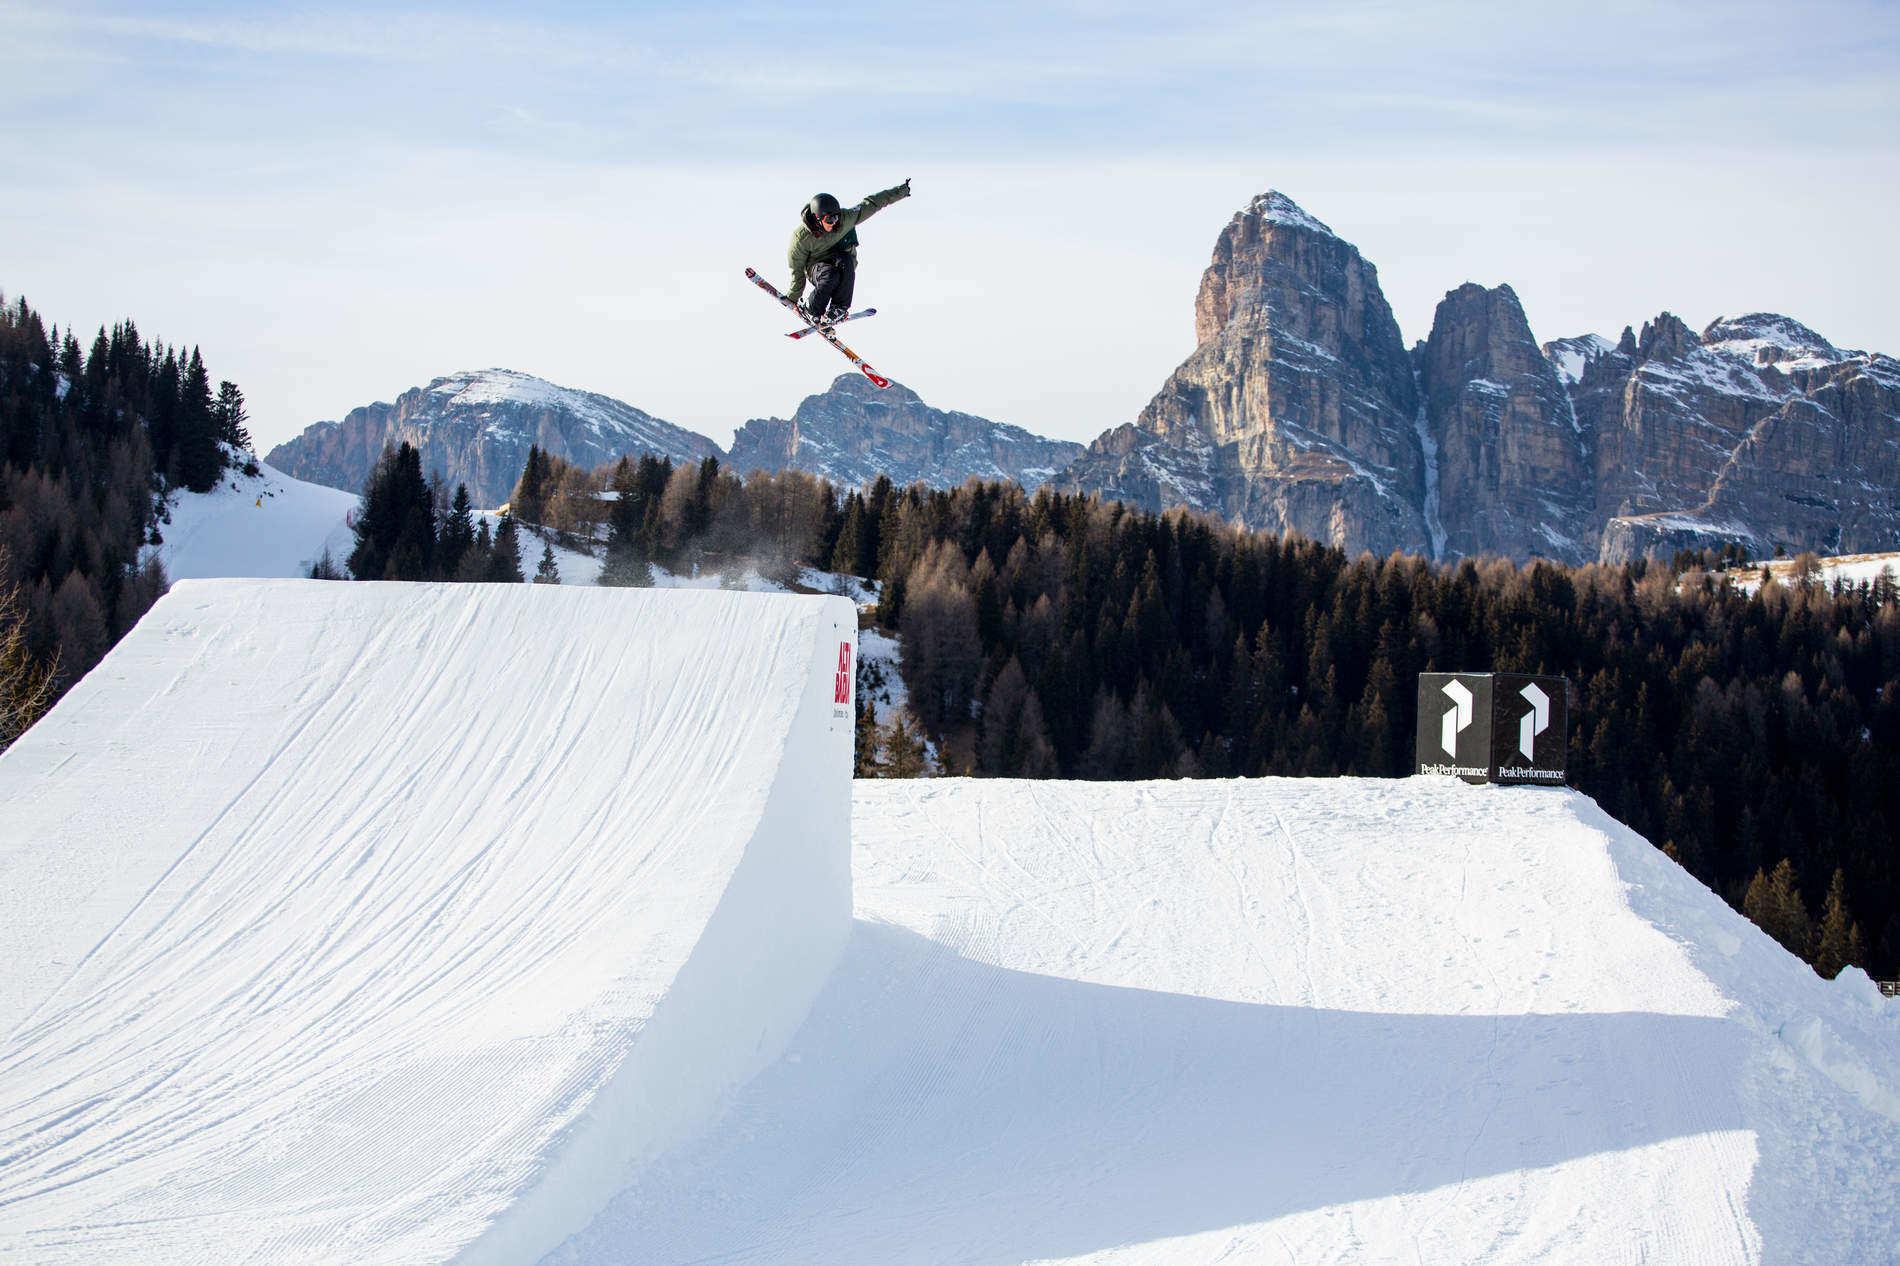 Snowpark Alta Badia – Let's shred the Dolomites!